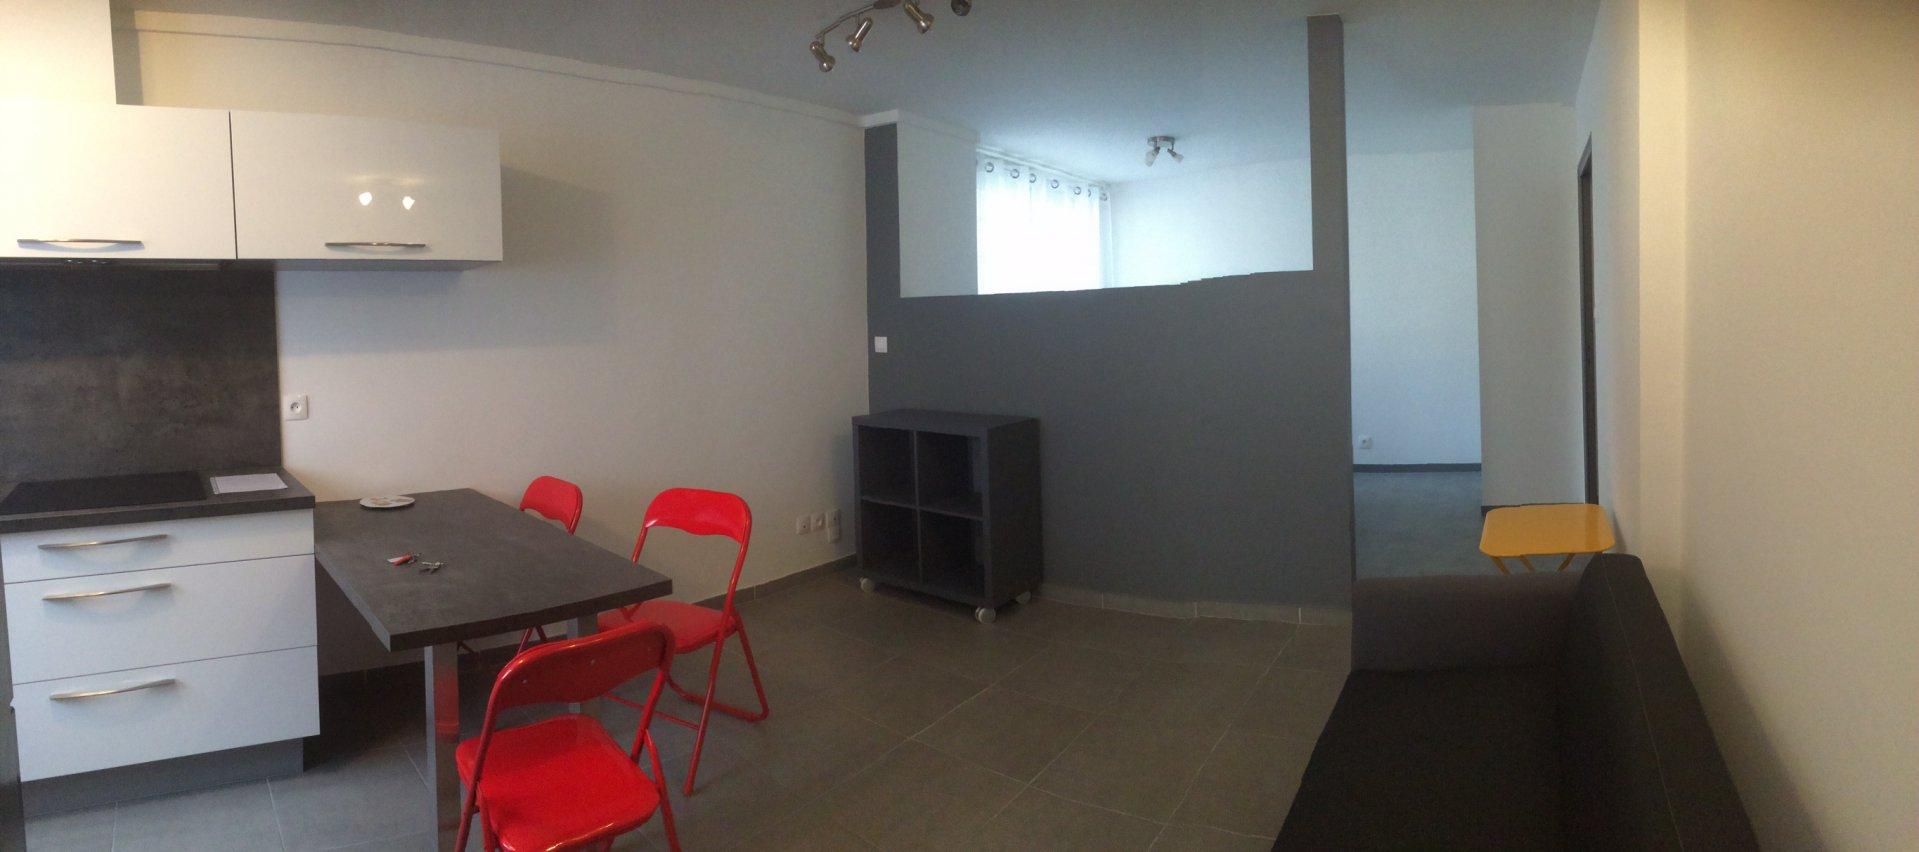 Rental Studio - Montceau-les-Mines